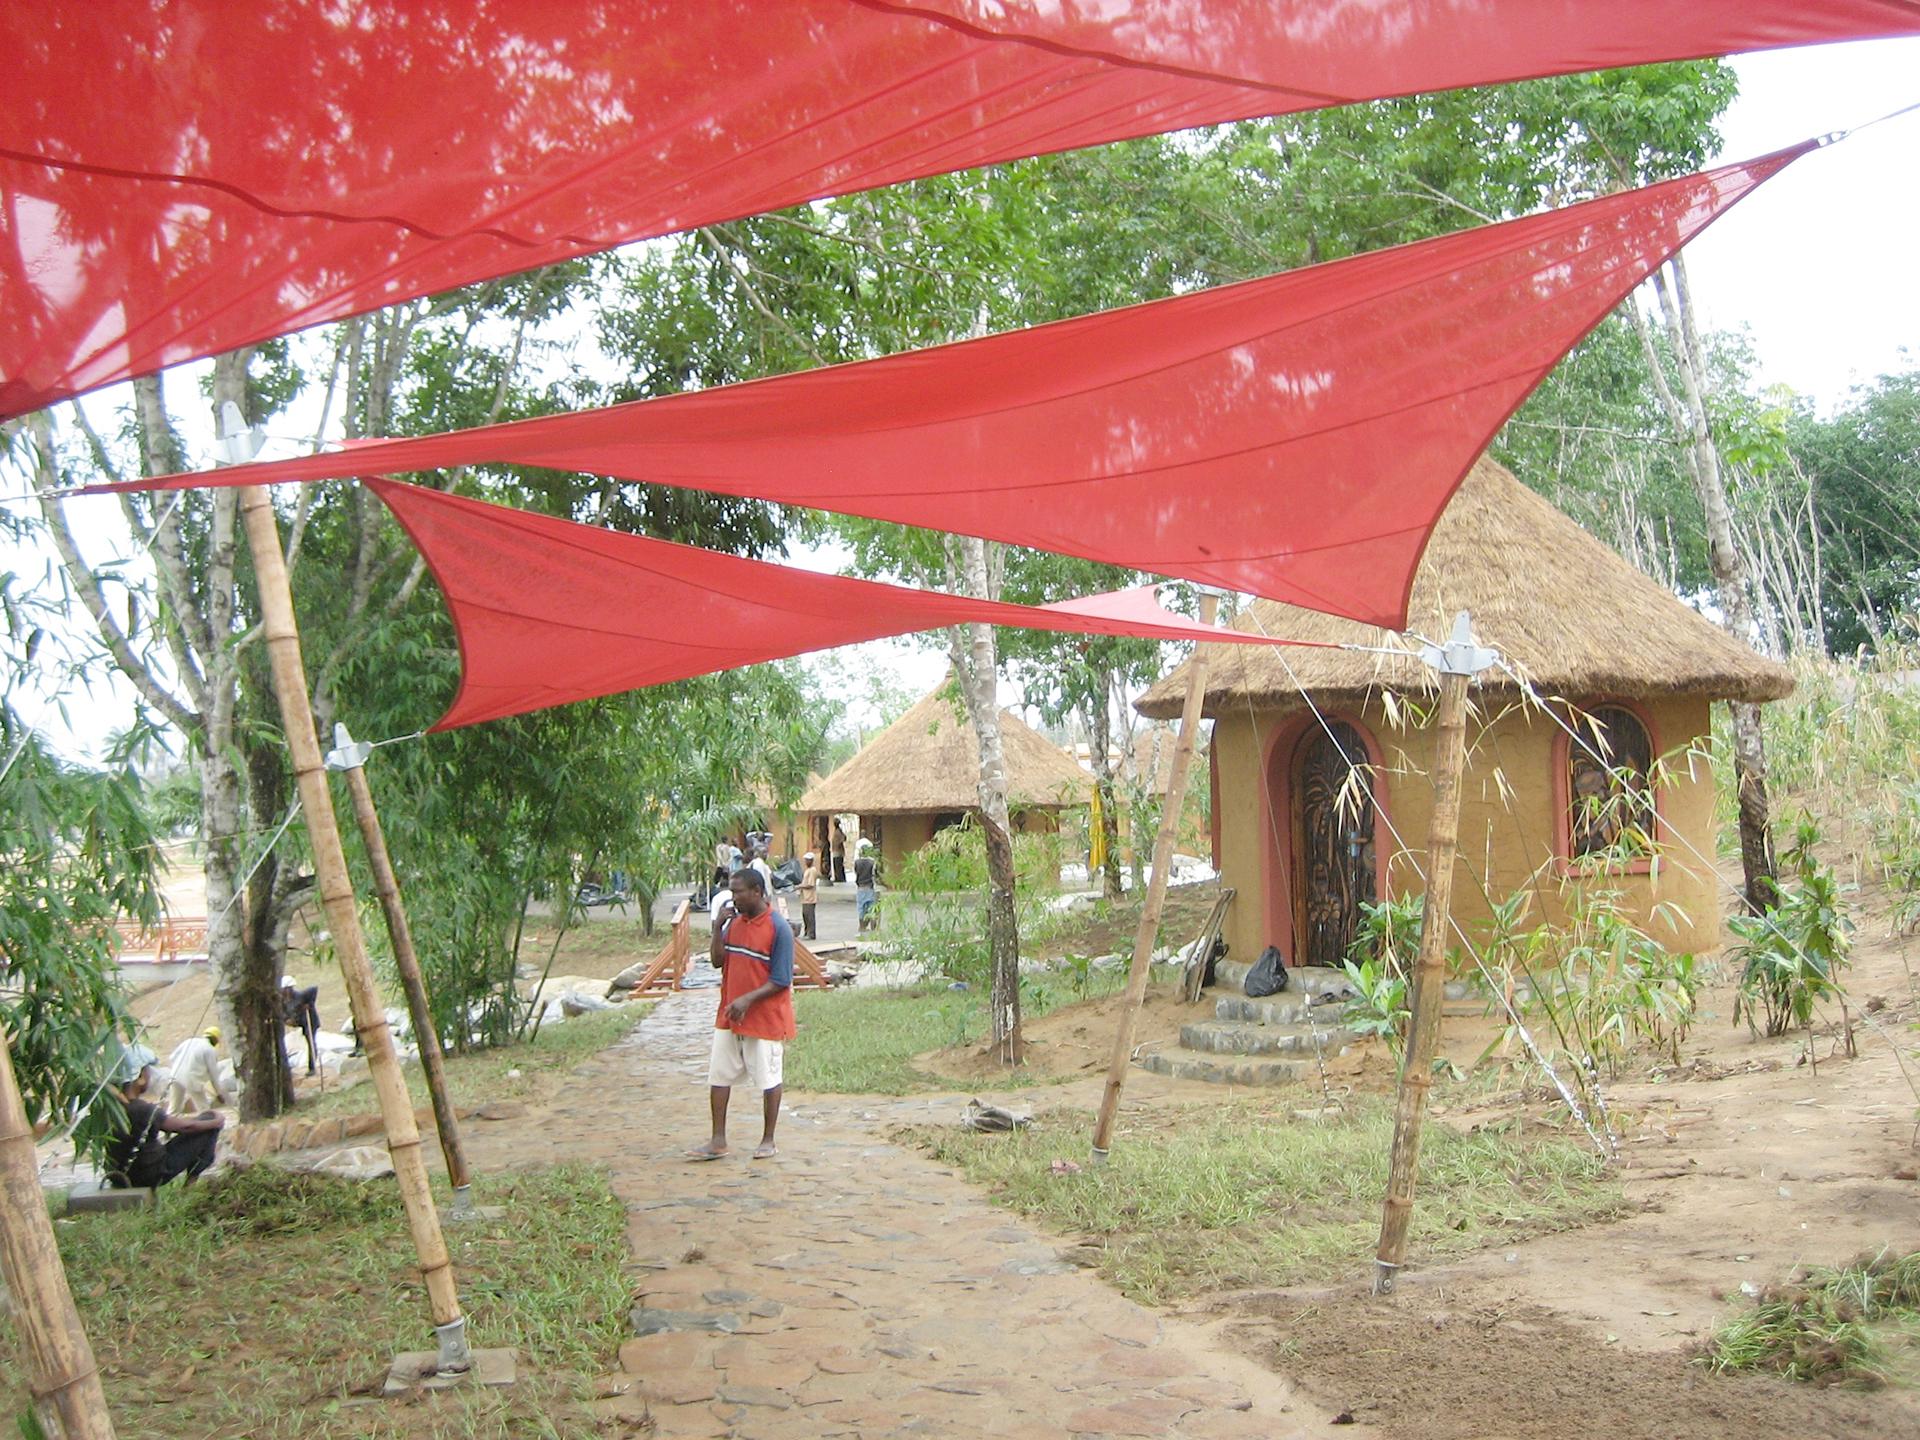 Hypar-Sonnensegel in Nigeria von der Planex Technik in Textil GmbH